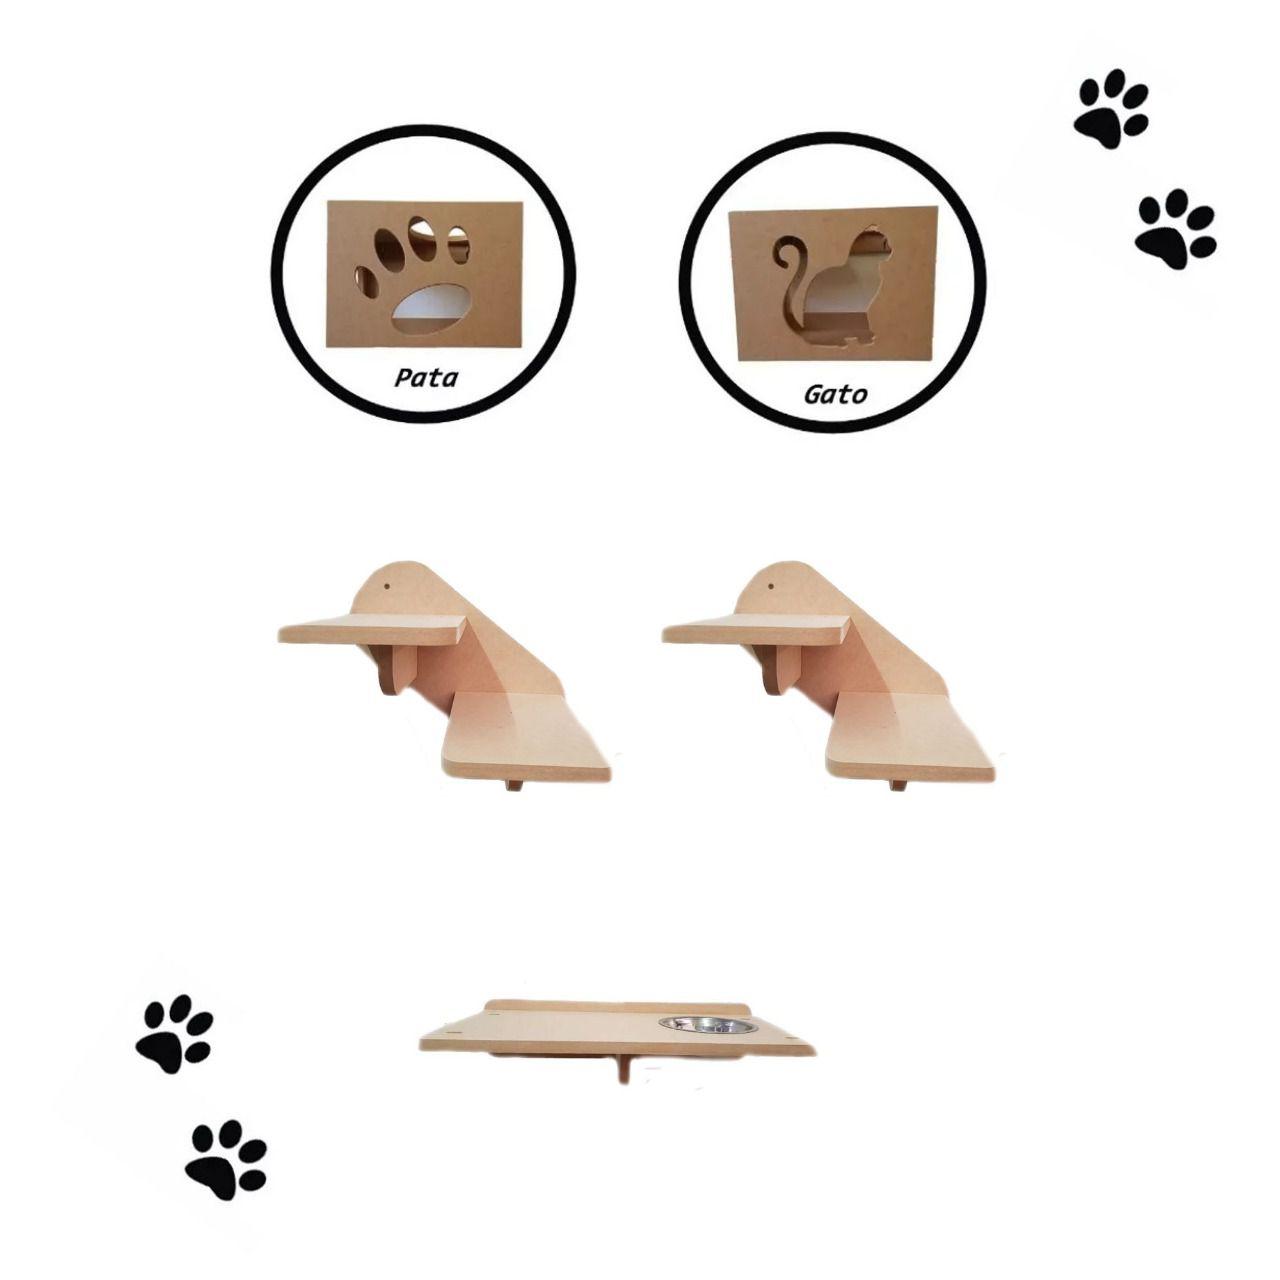 Kit 5 peças =  2 Nichos + Comedouro + 2 Escadas para Gato - Pet em MDF 15mm